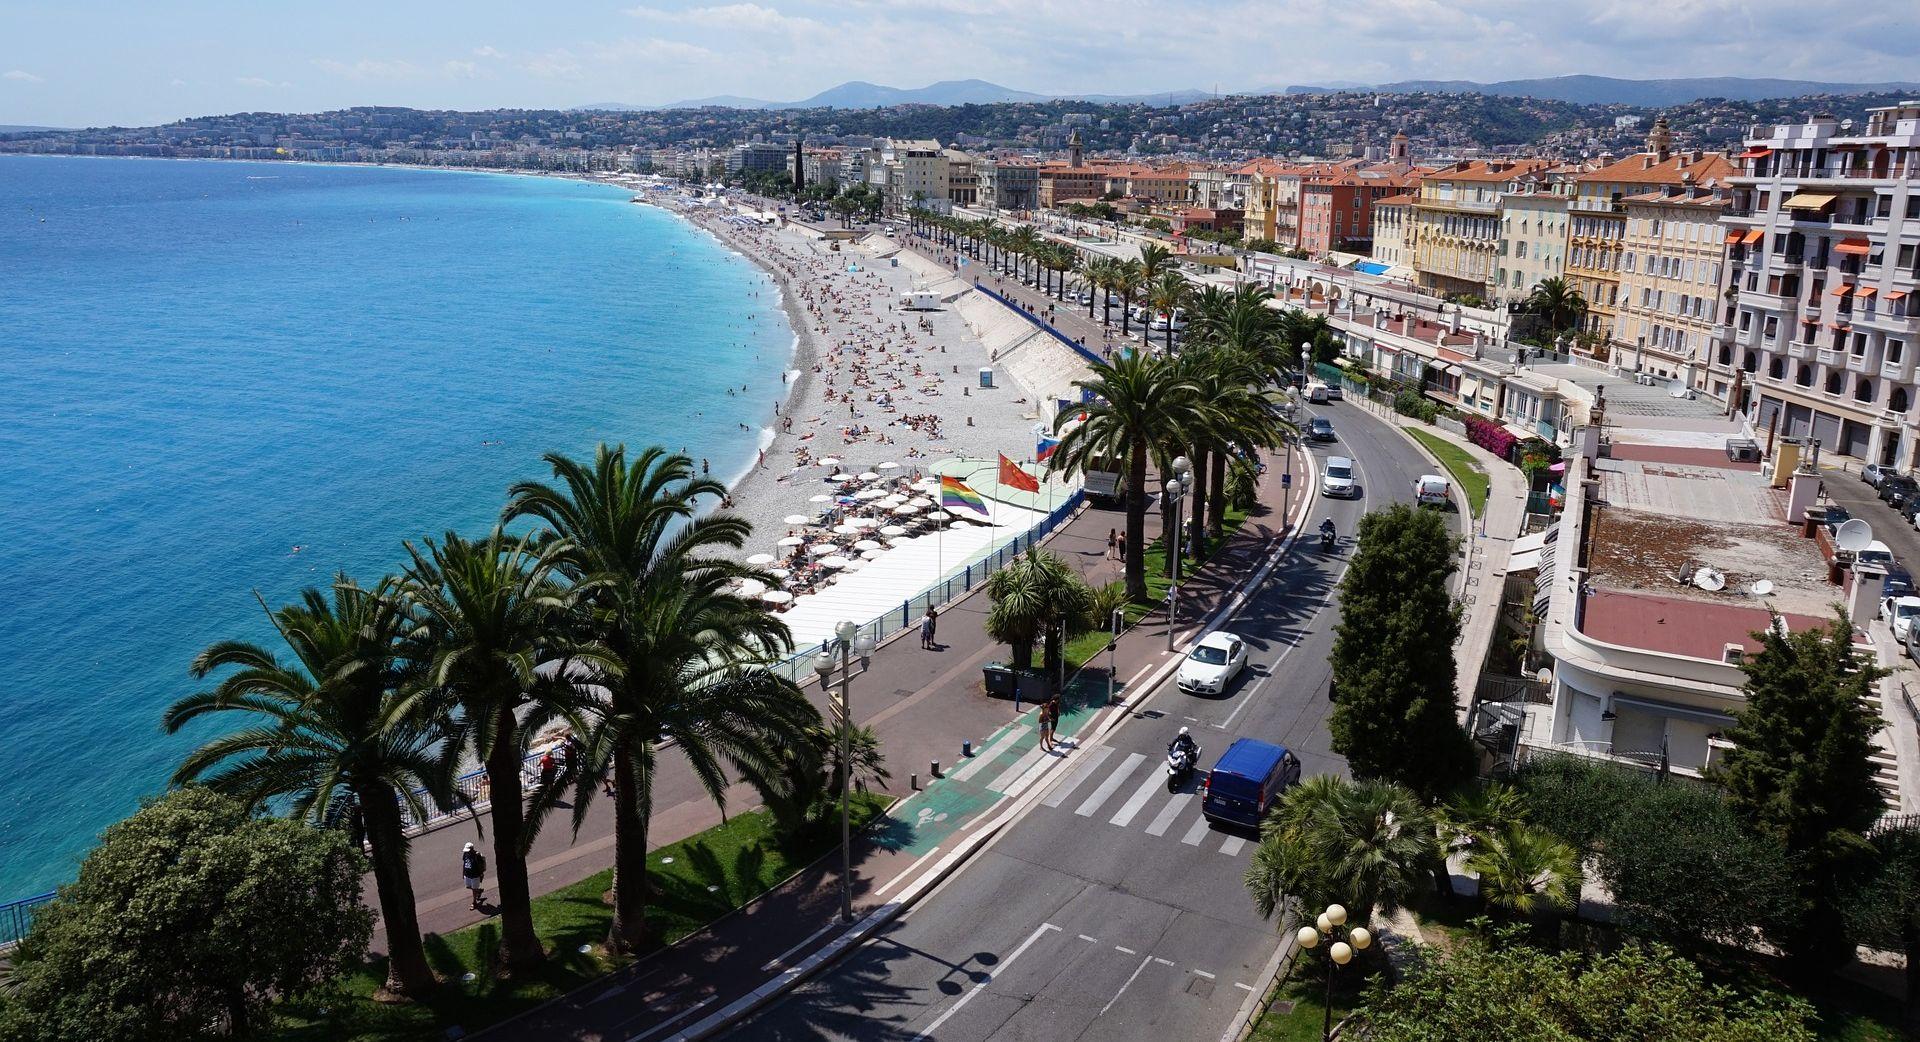 Napad na Nicu, mondeno središte Azurne obale